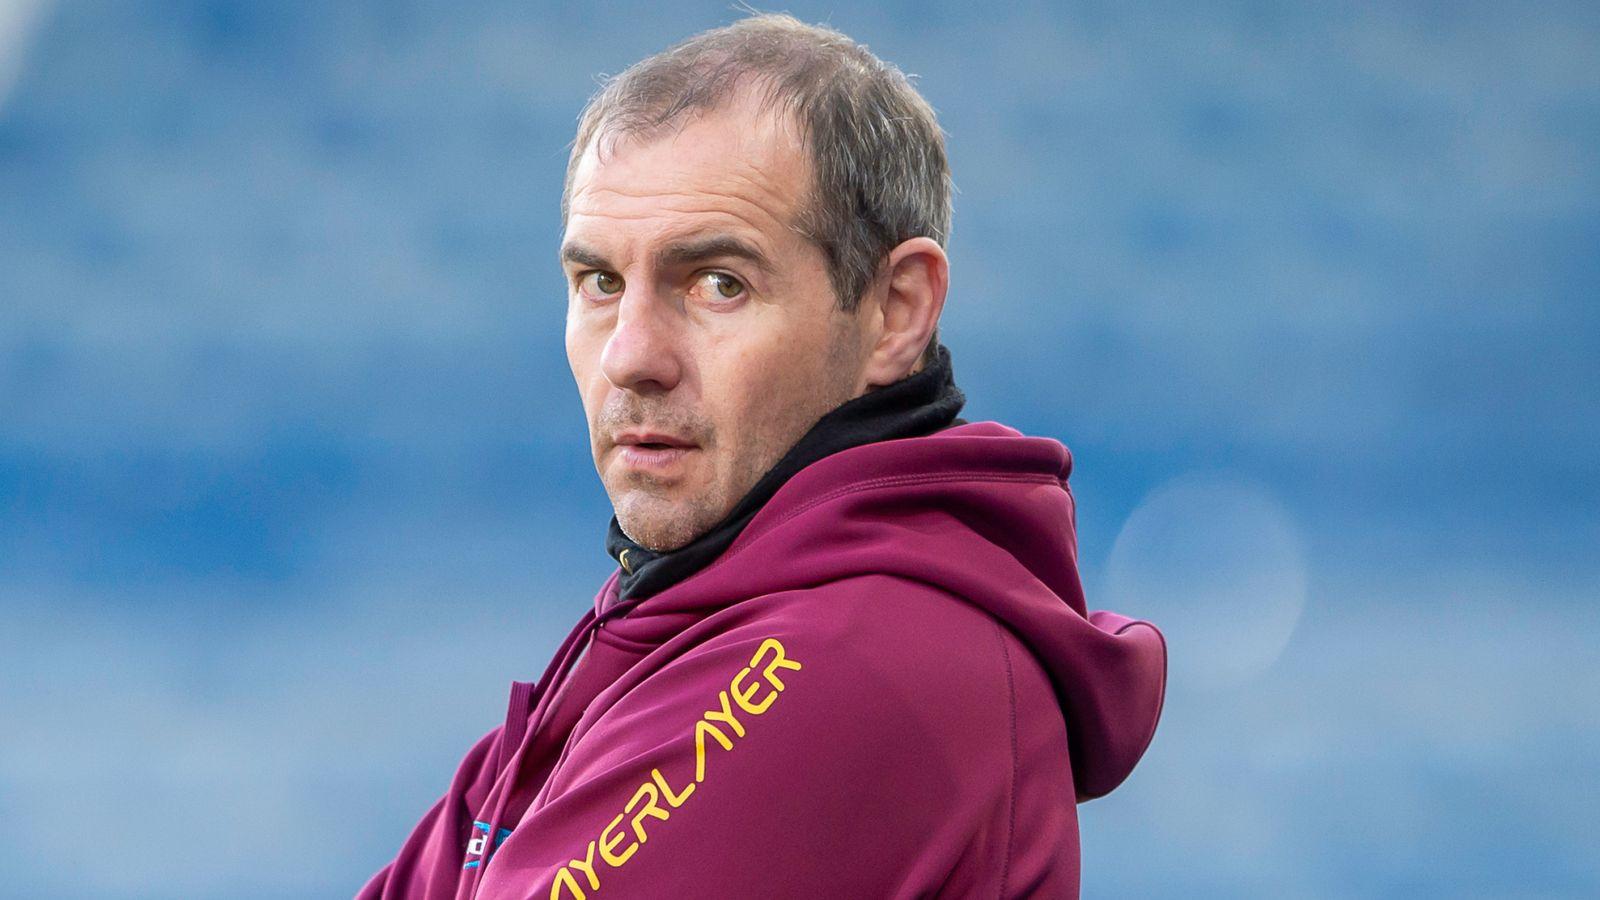 Huddersfield Giants coach Ian Watson blasts ref Scott Mikalauskas for 'sending off wrong player'